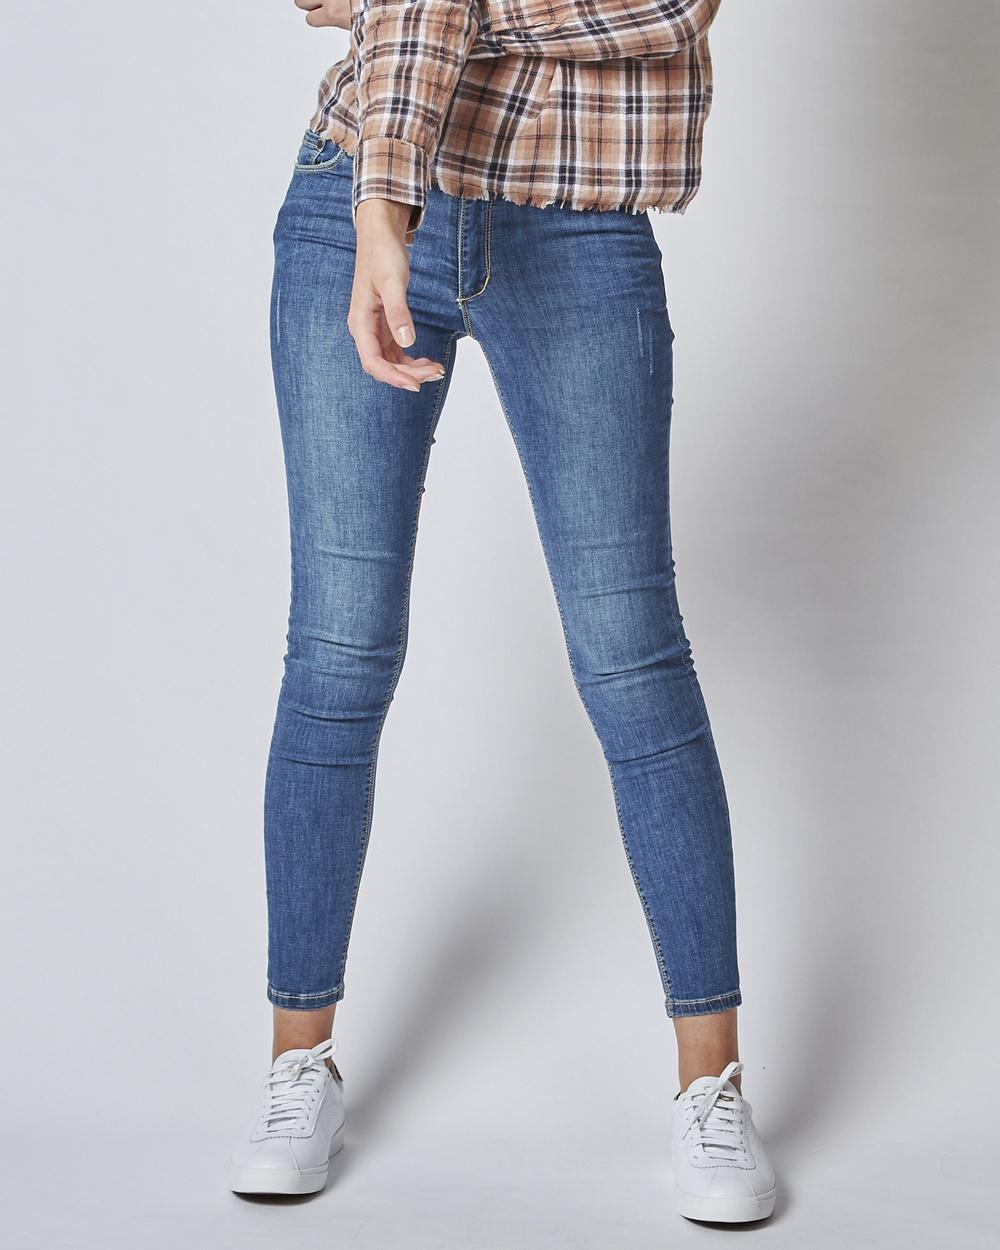 DRICOPER DENIM Miranda Jeans Blur Blue Australia